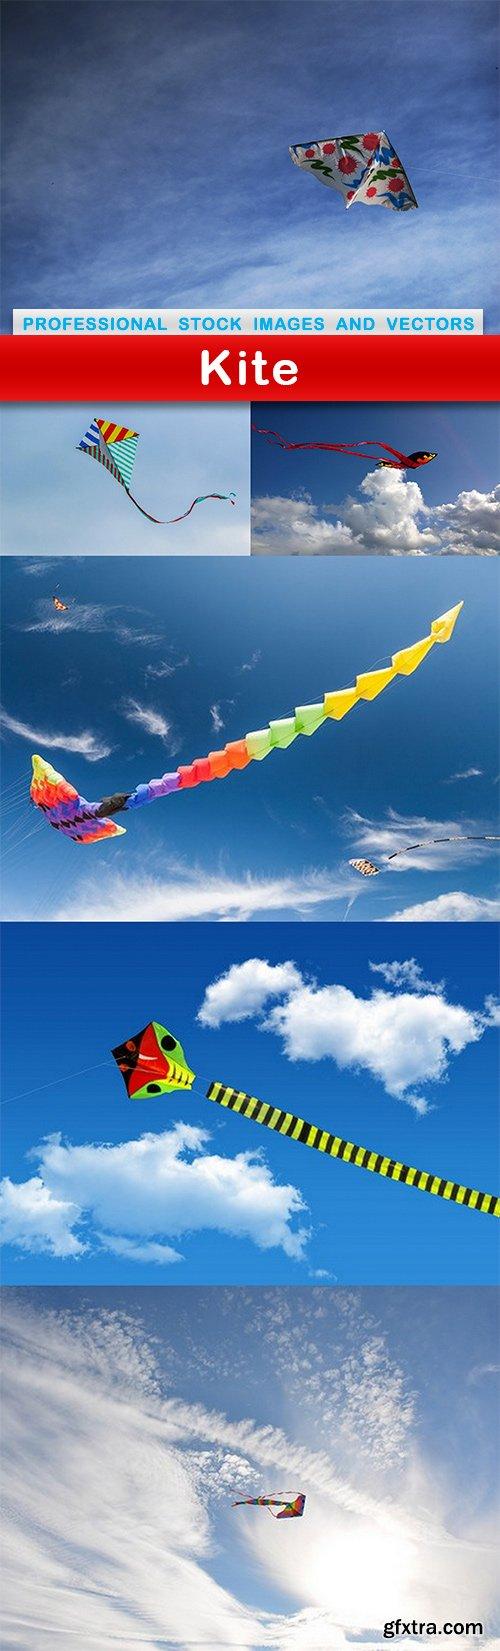 Kite - 6 UHQ JPEG